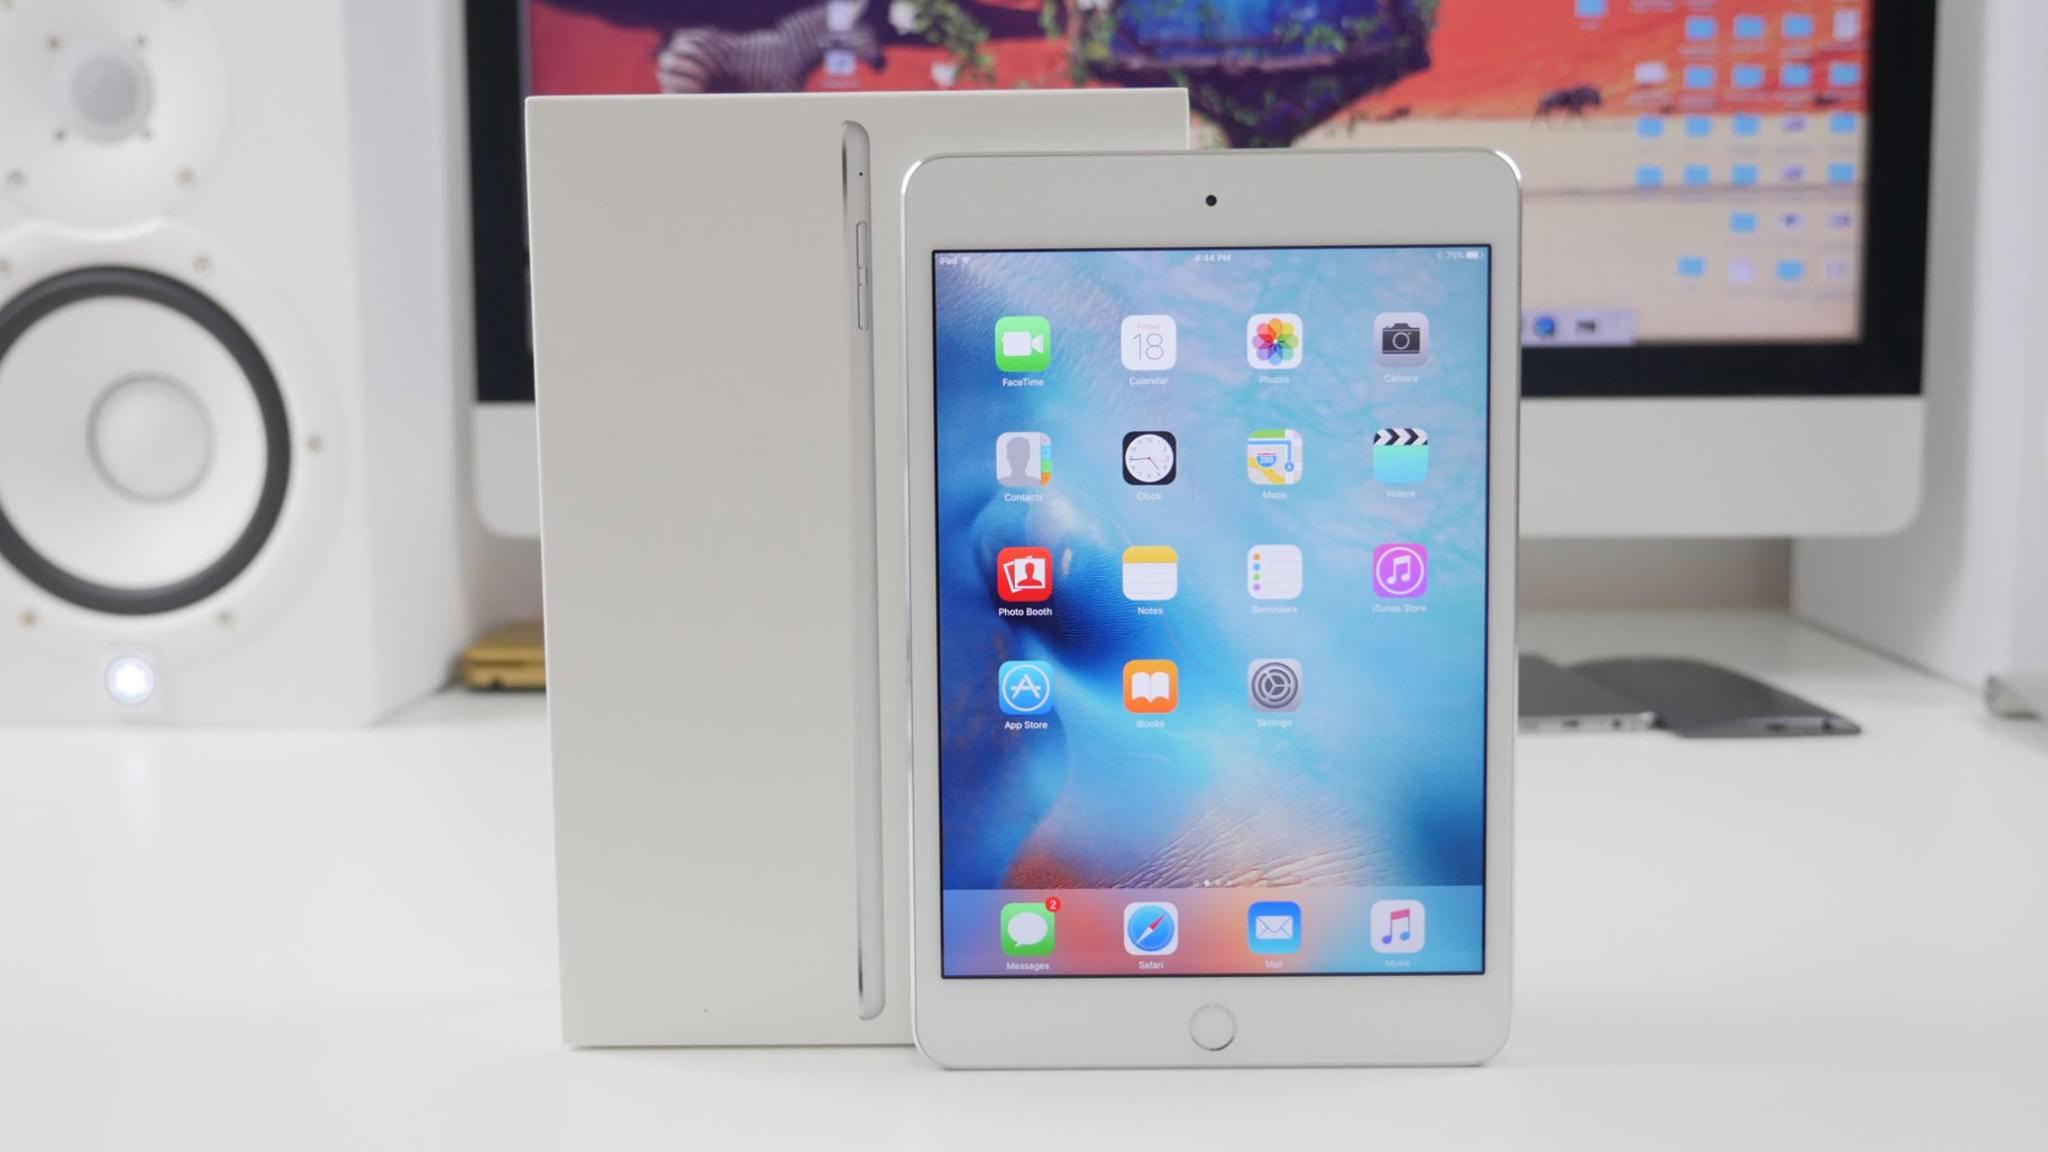 Auslaufmodell: Das iPad mini 4 könnte das letzte Apple-Tablet mit 7,9 Zoll Bildschirmdiagonale sein.